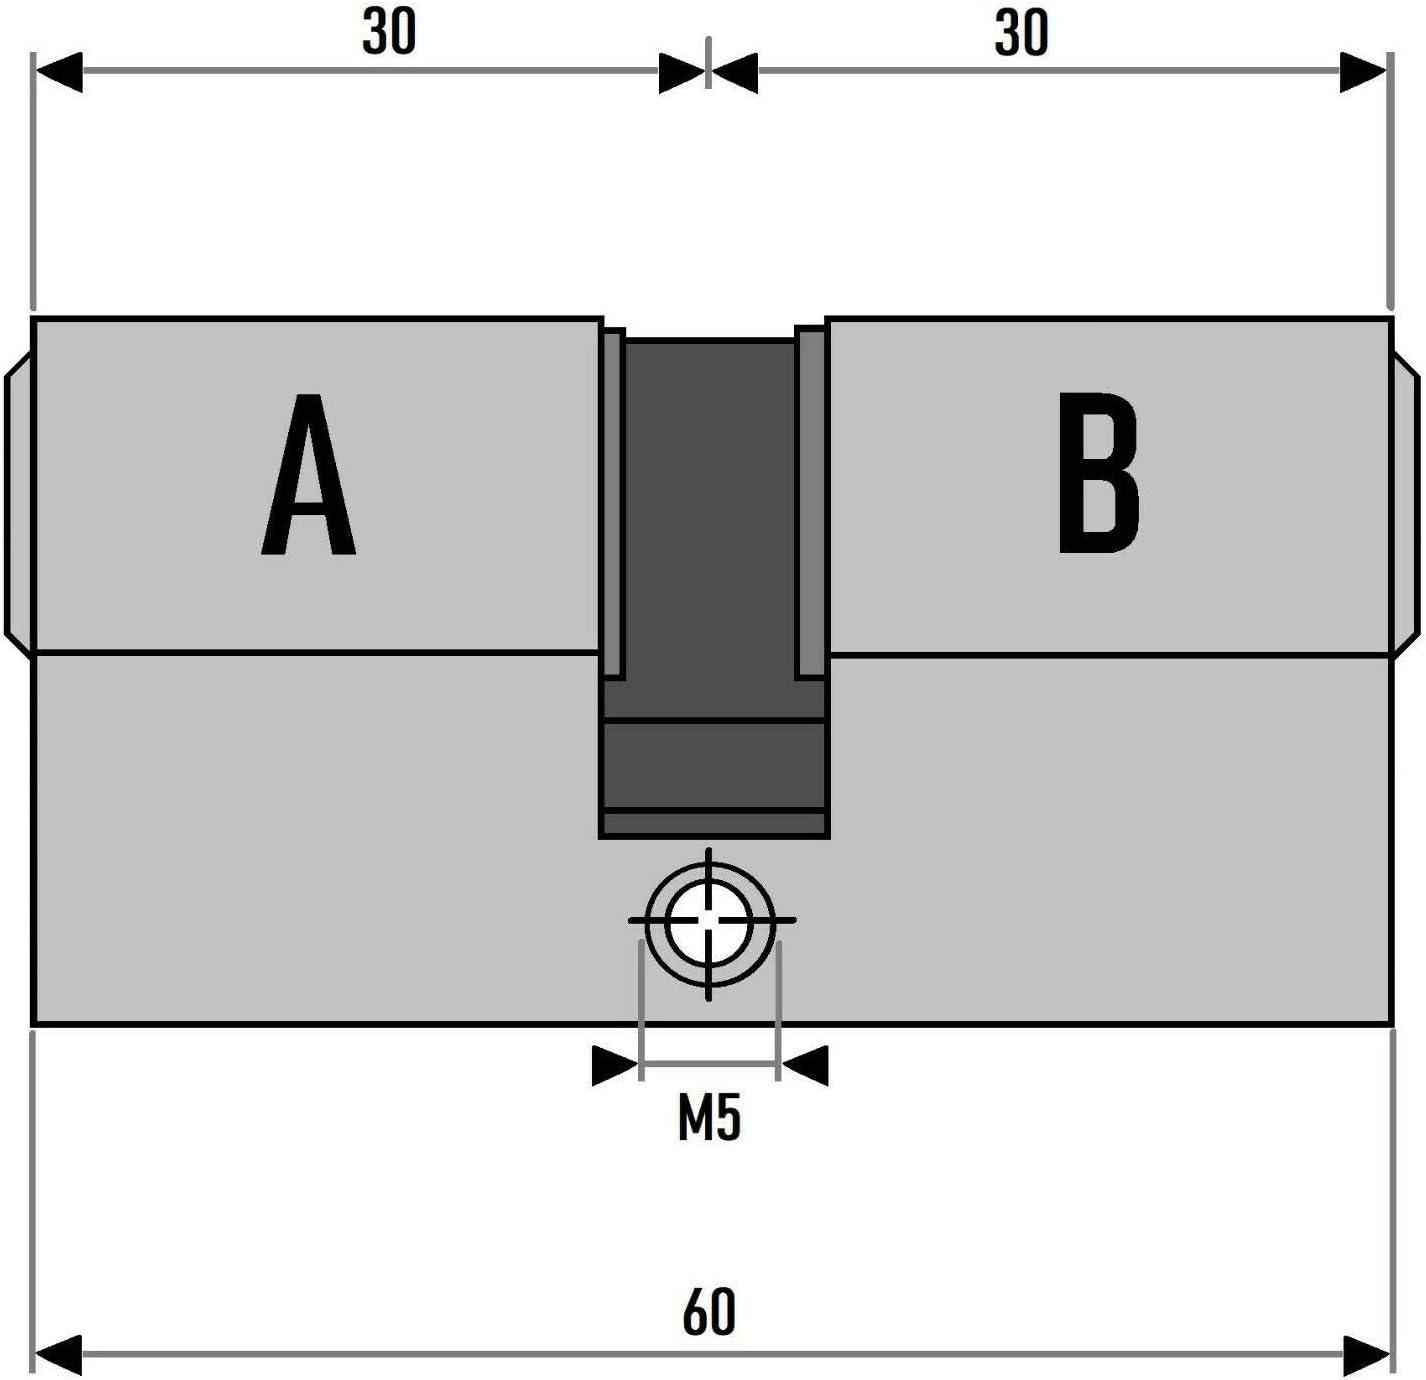 3x Profilzylinder 60mm 30//30 15x Schl/üssel T/ür Zylinder Schloss gleichschlie/ßend